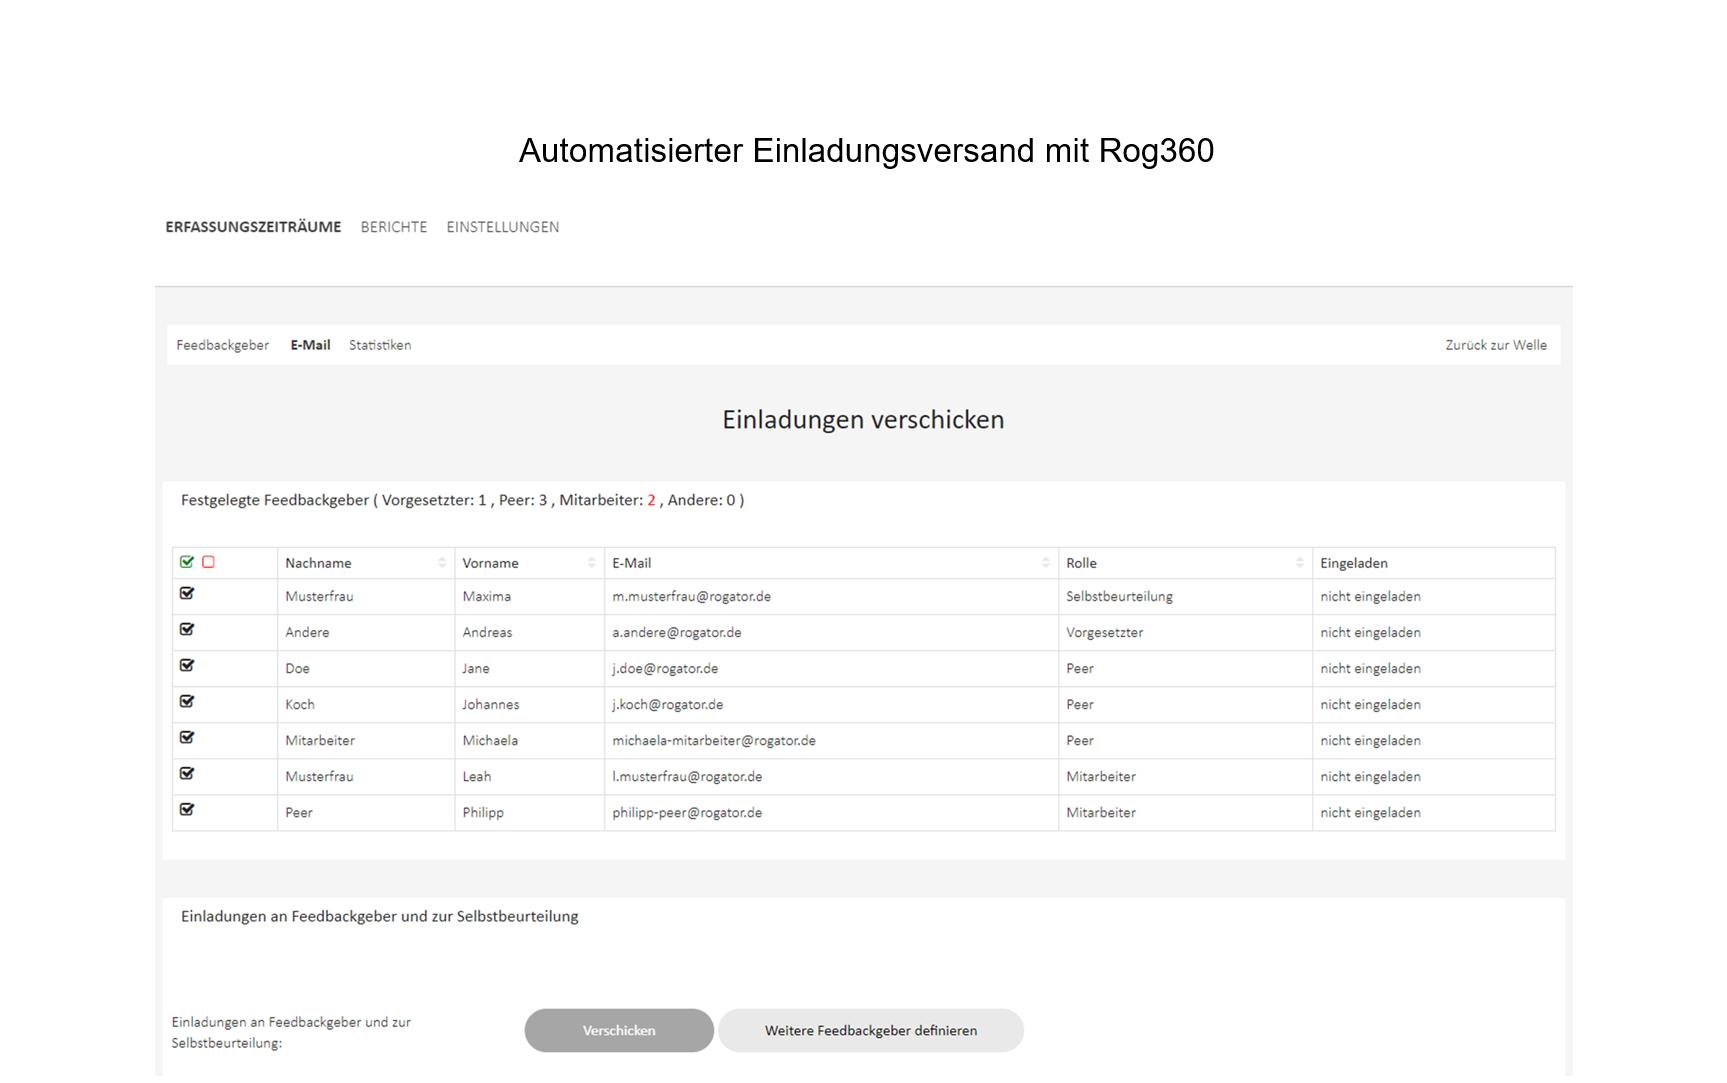 Feedbackautomatisierung_Einladungsversand